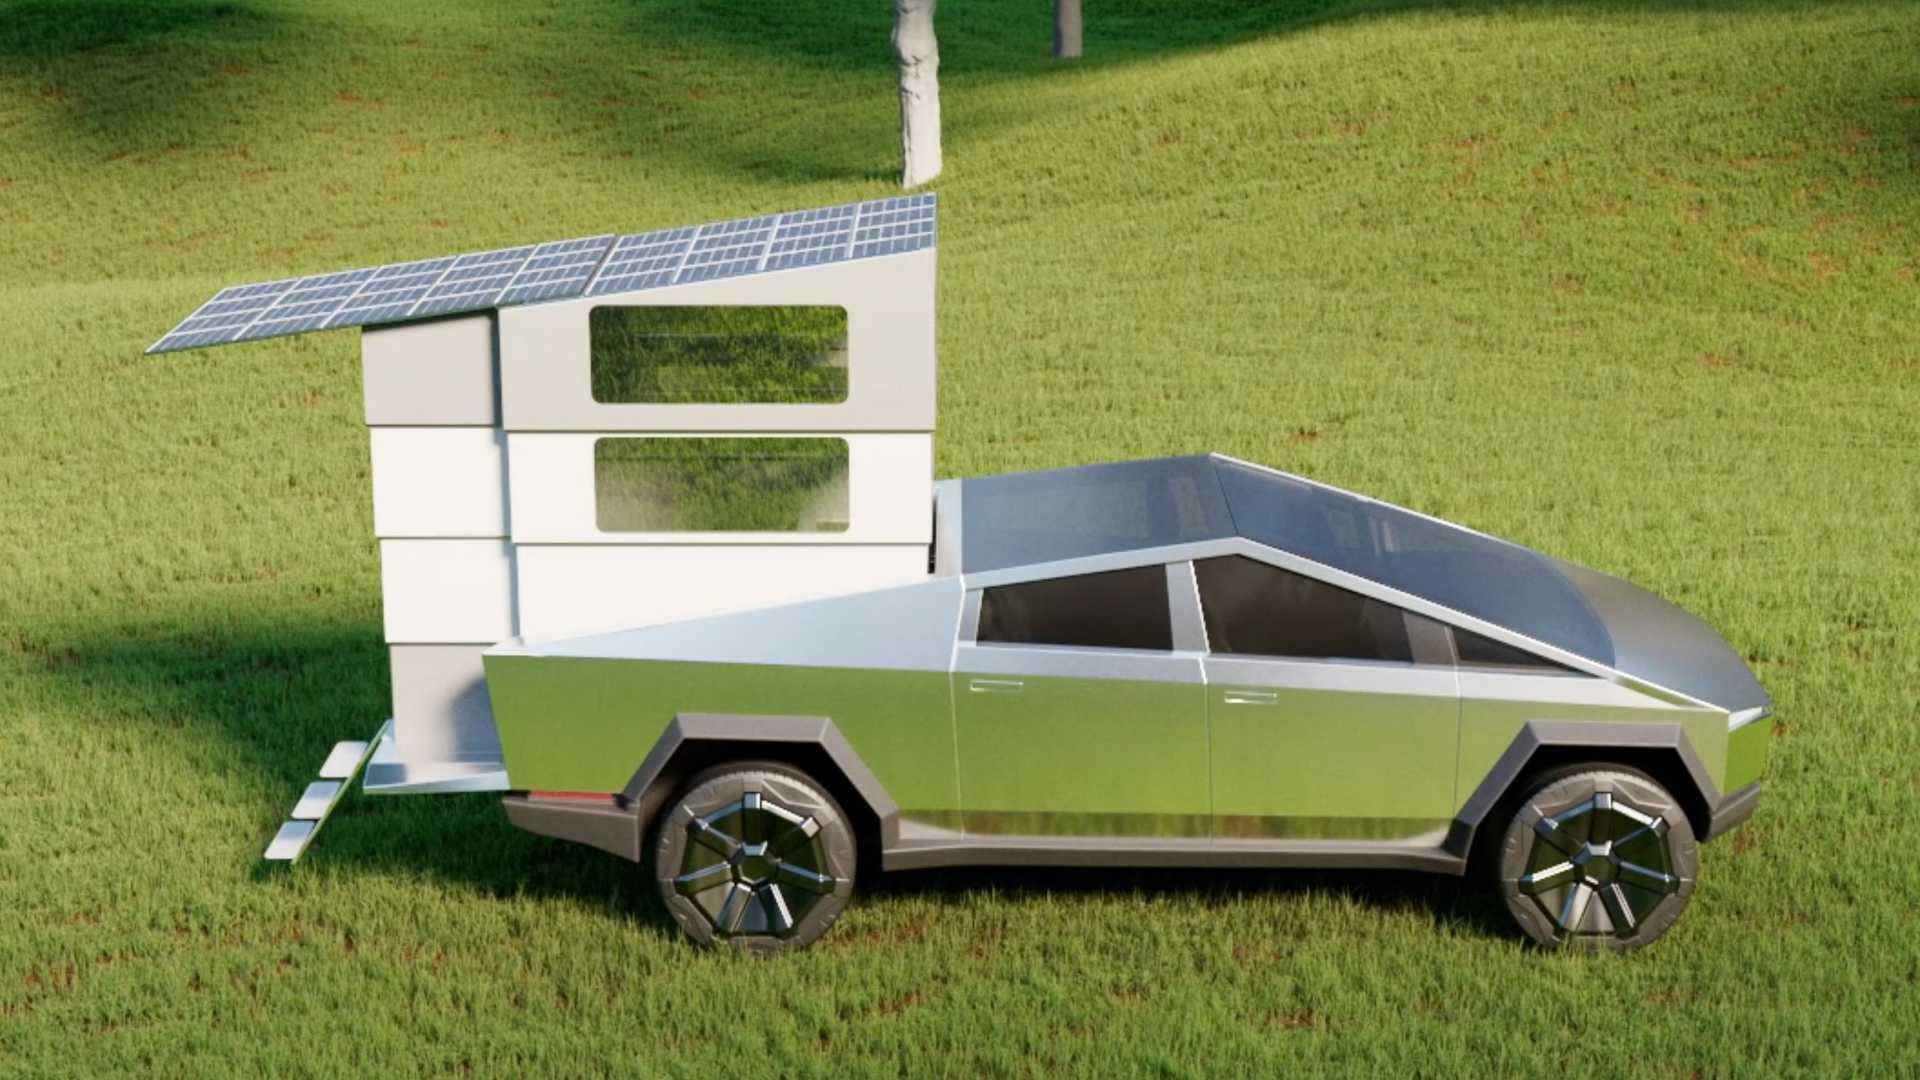 CyberLandr-Camper-For-Tesla-Cybertruck-4